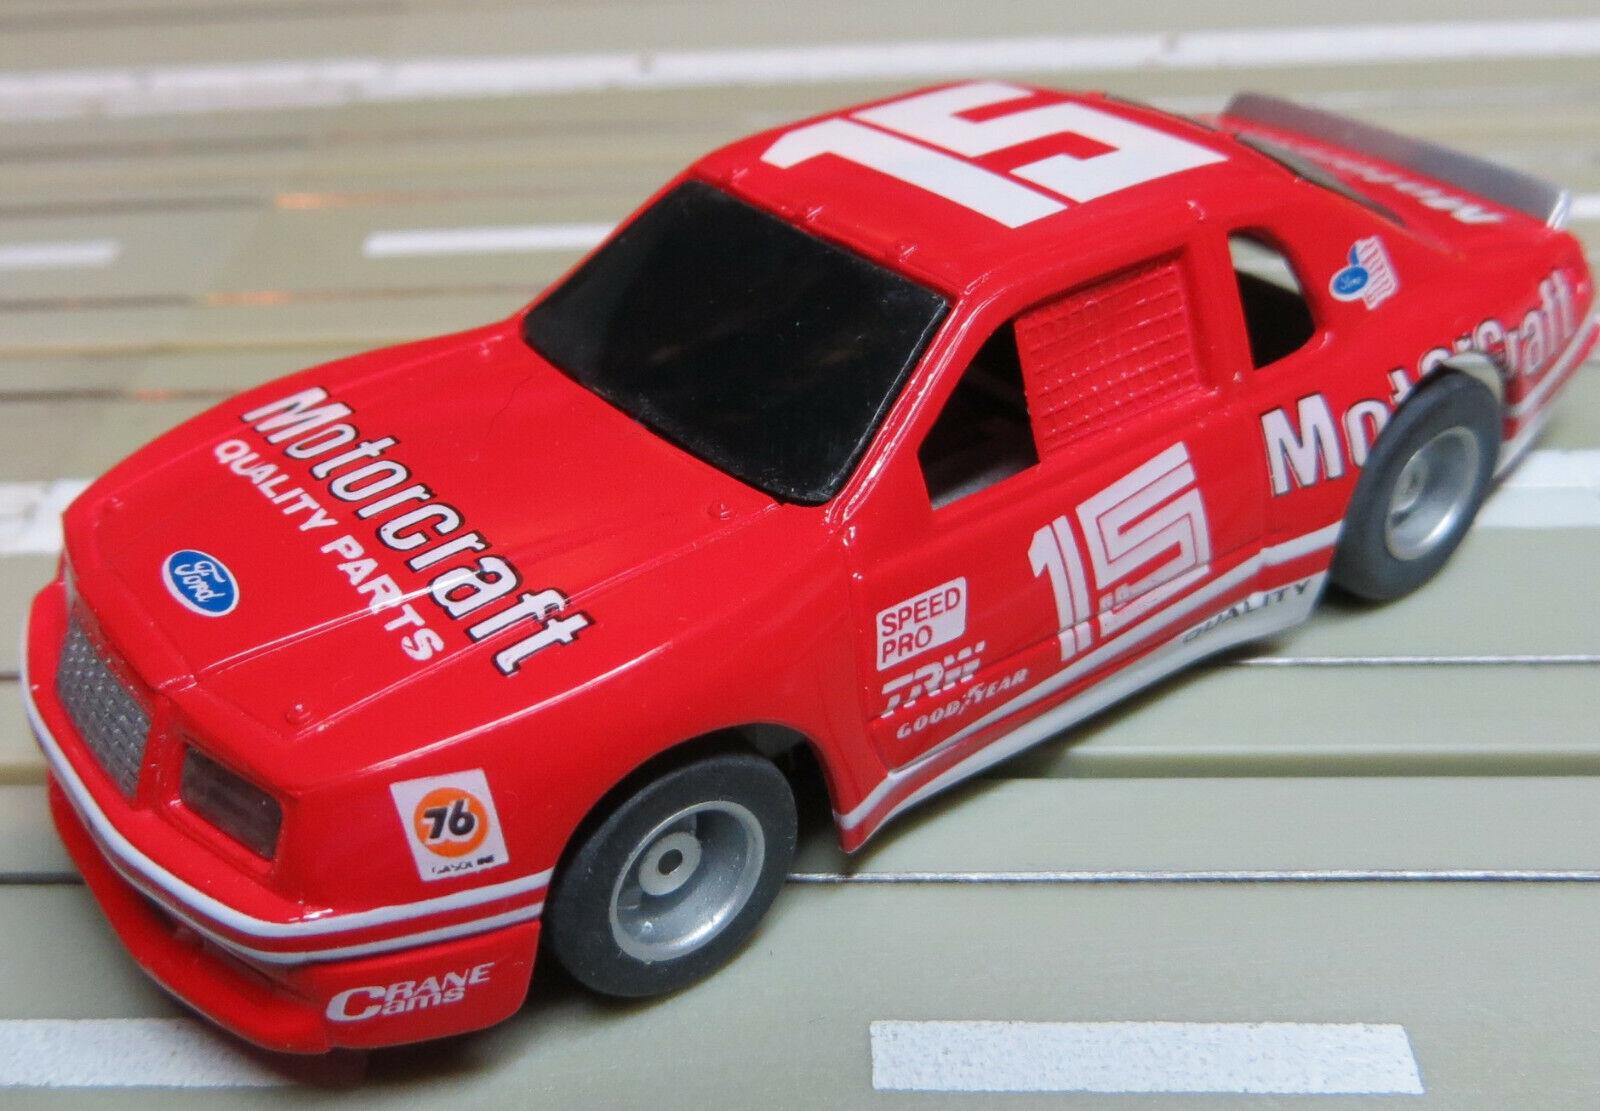 Für H0 Slotcar Racing Modelbahn --  Nascar  mit Tyco Chassis und Fahrlicht